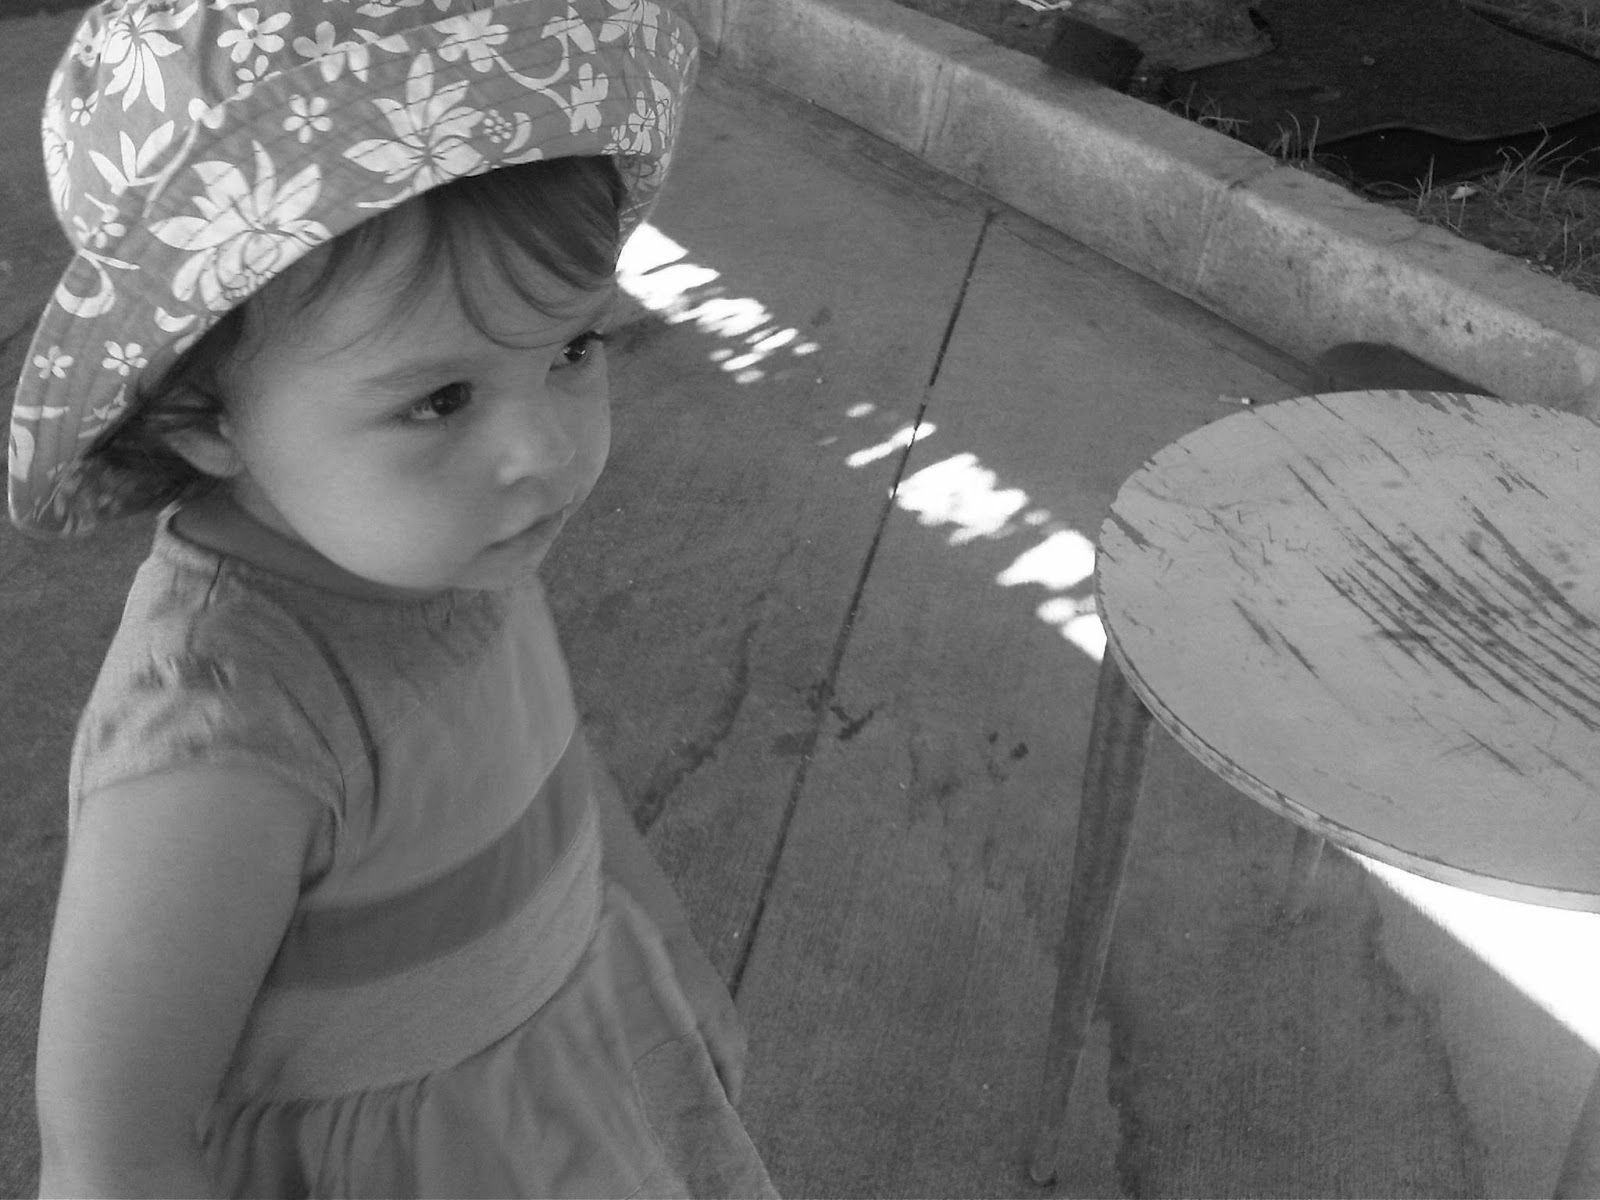 OYUN: Resim / Fotoğraf bulma